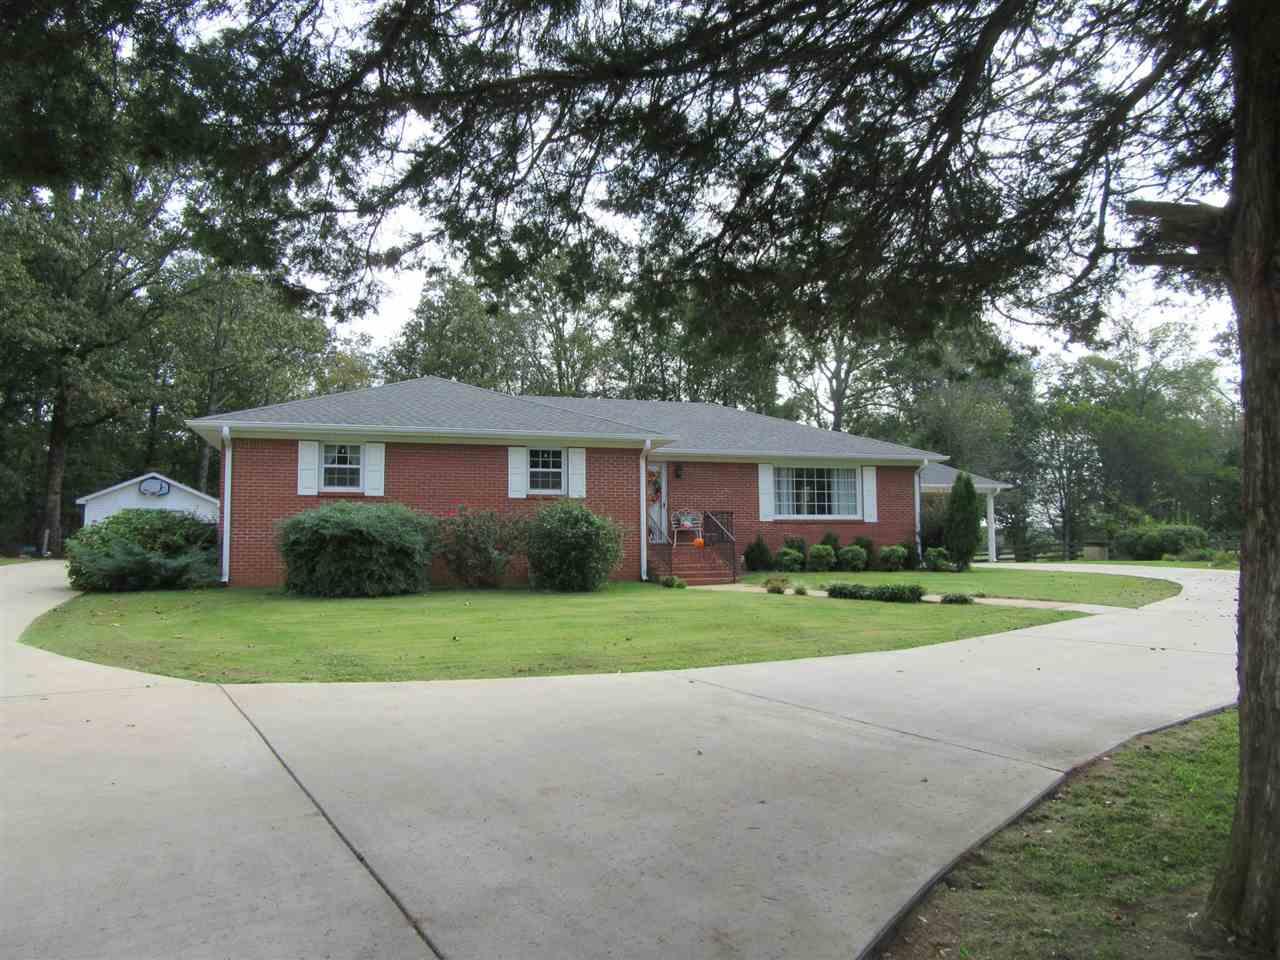 20100 69, Savannah, TN 38372